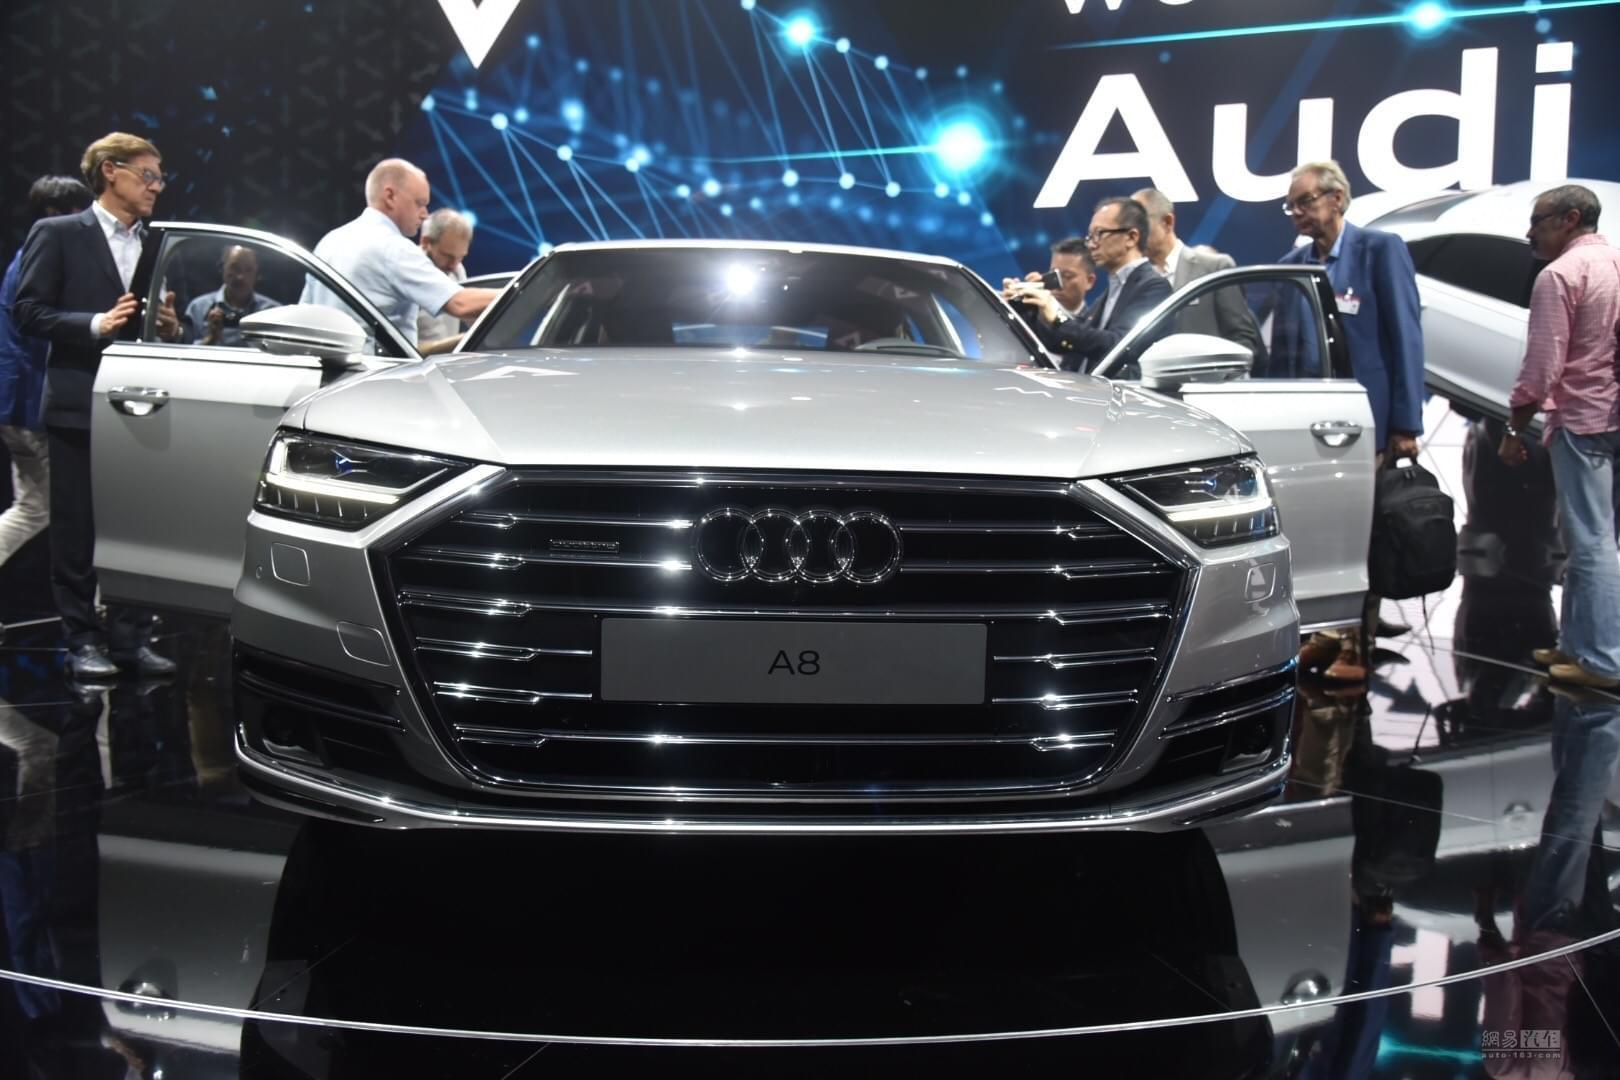 2018年引入/强悍自动驾驶 全新奥迪A8首发